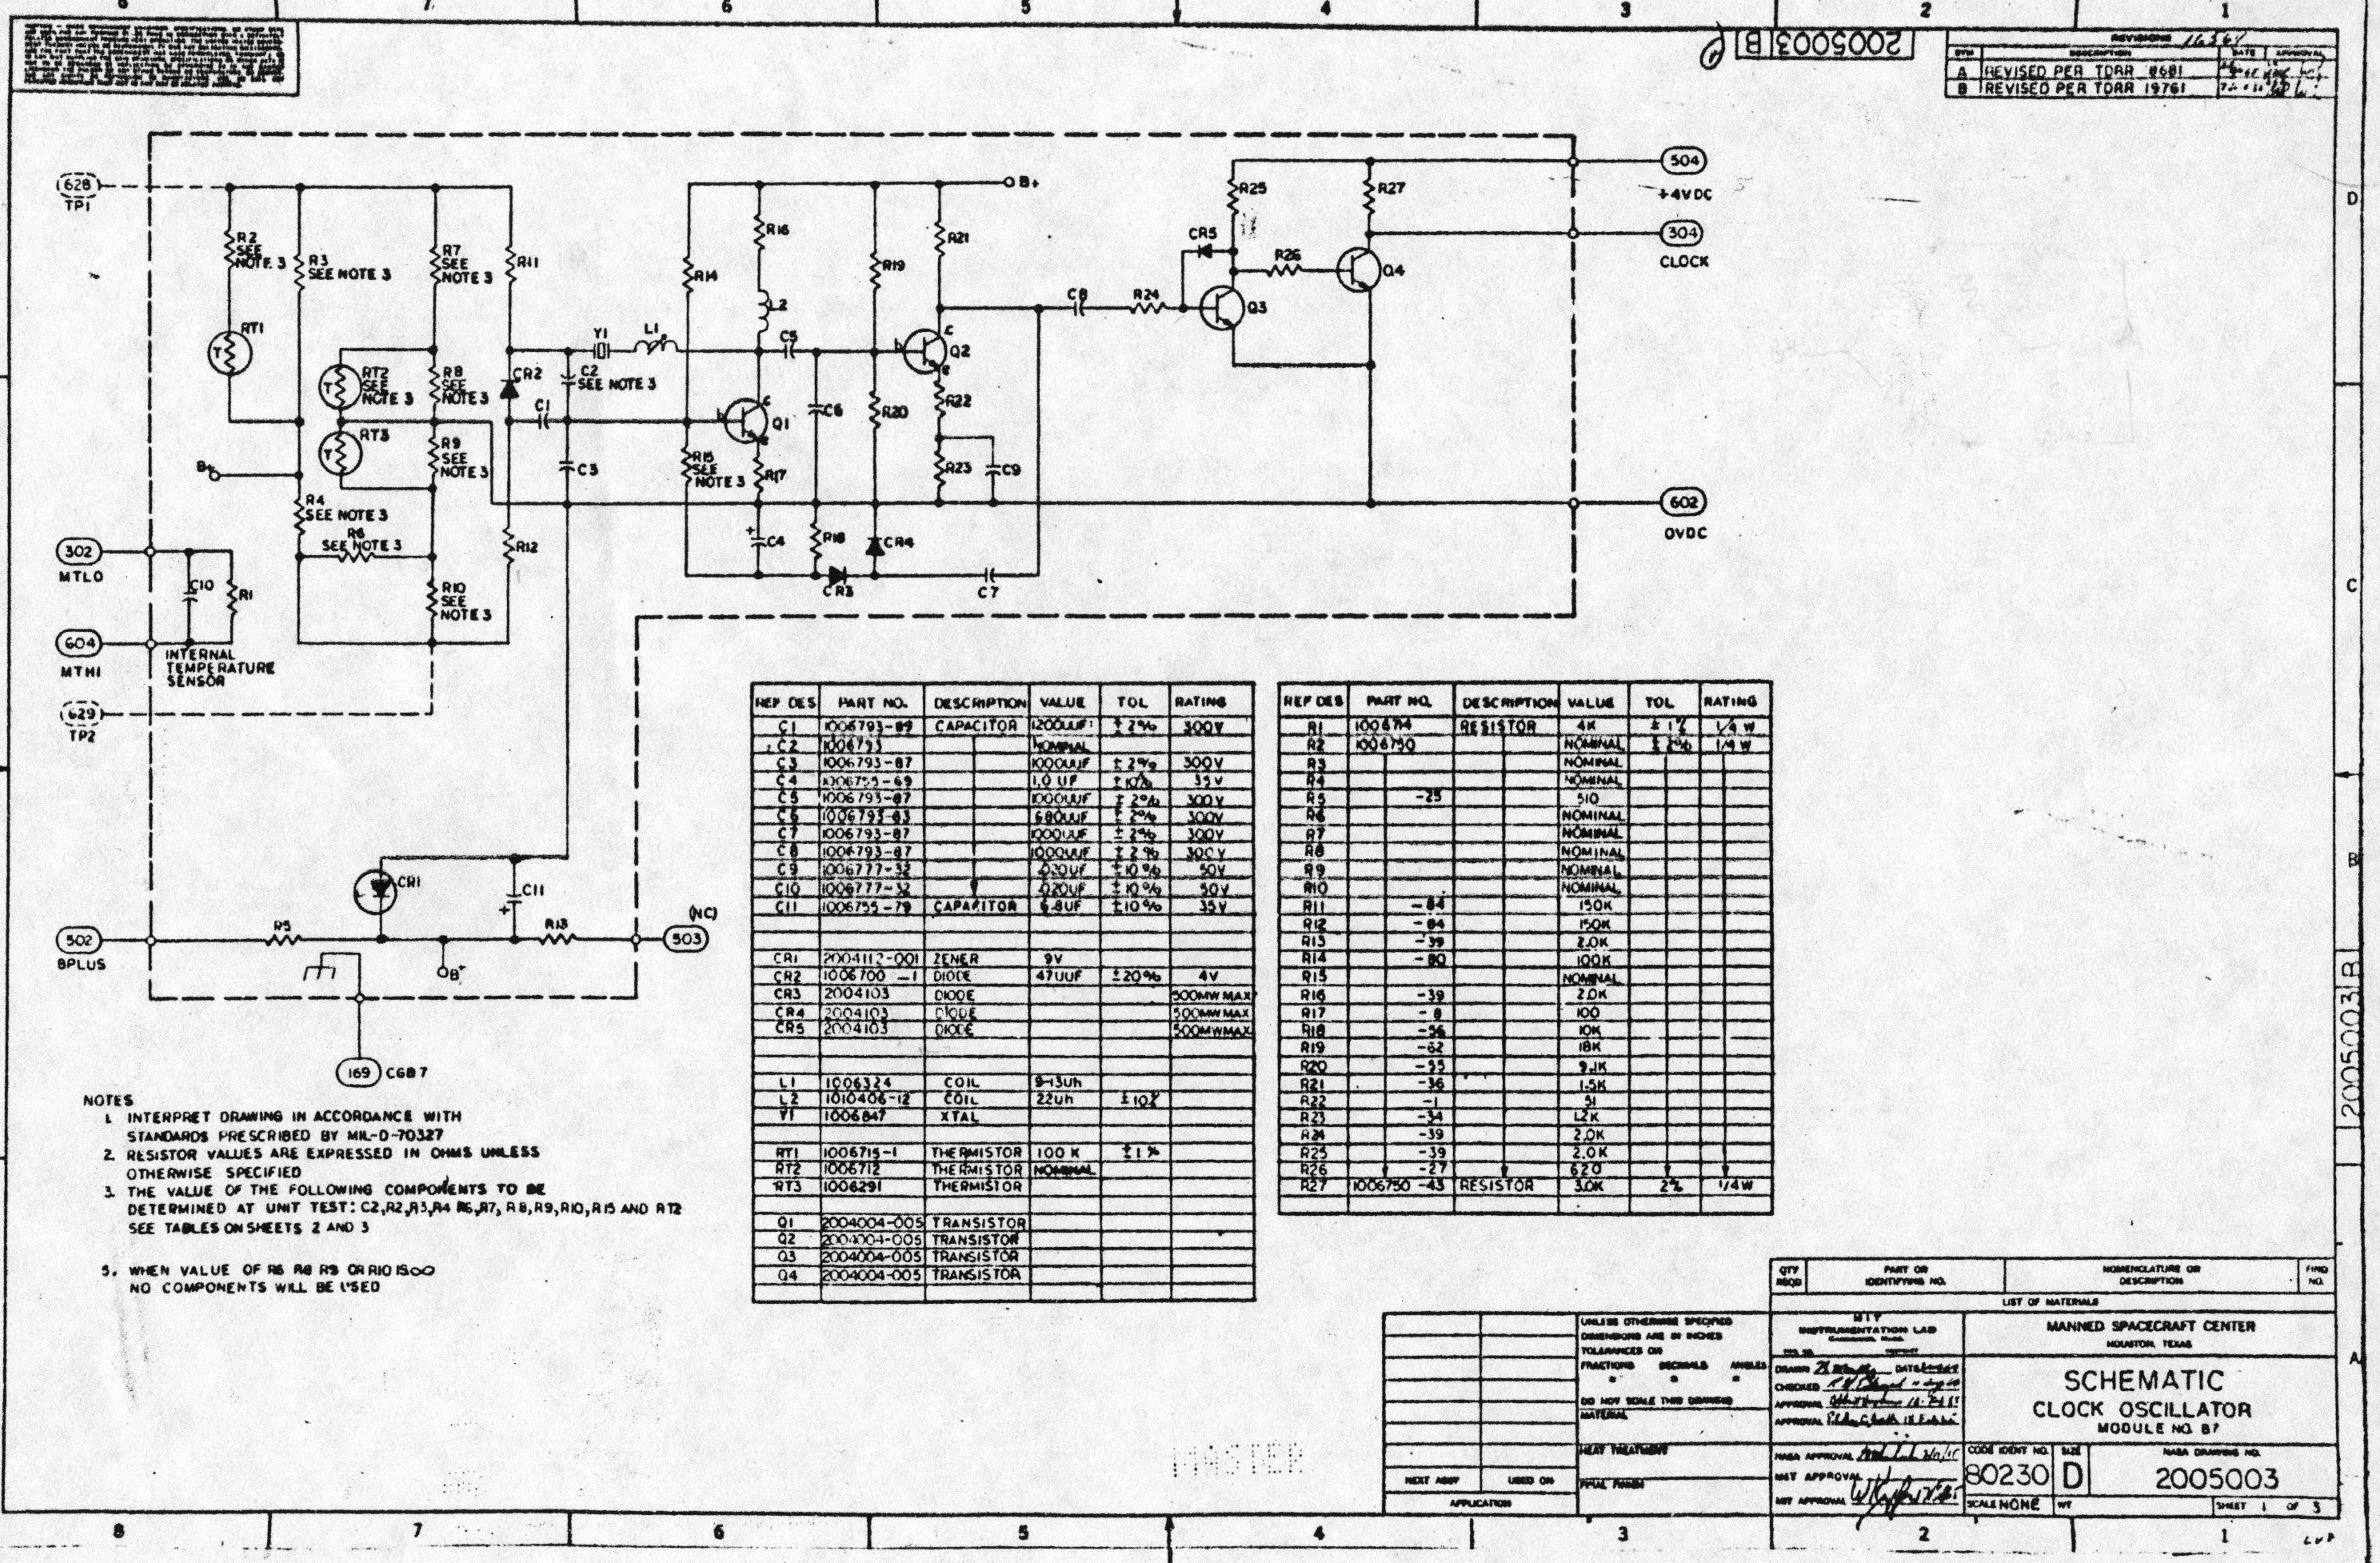 clock circuits schematics